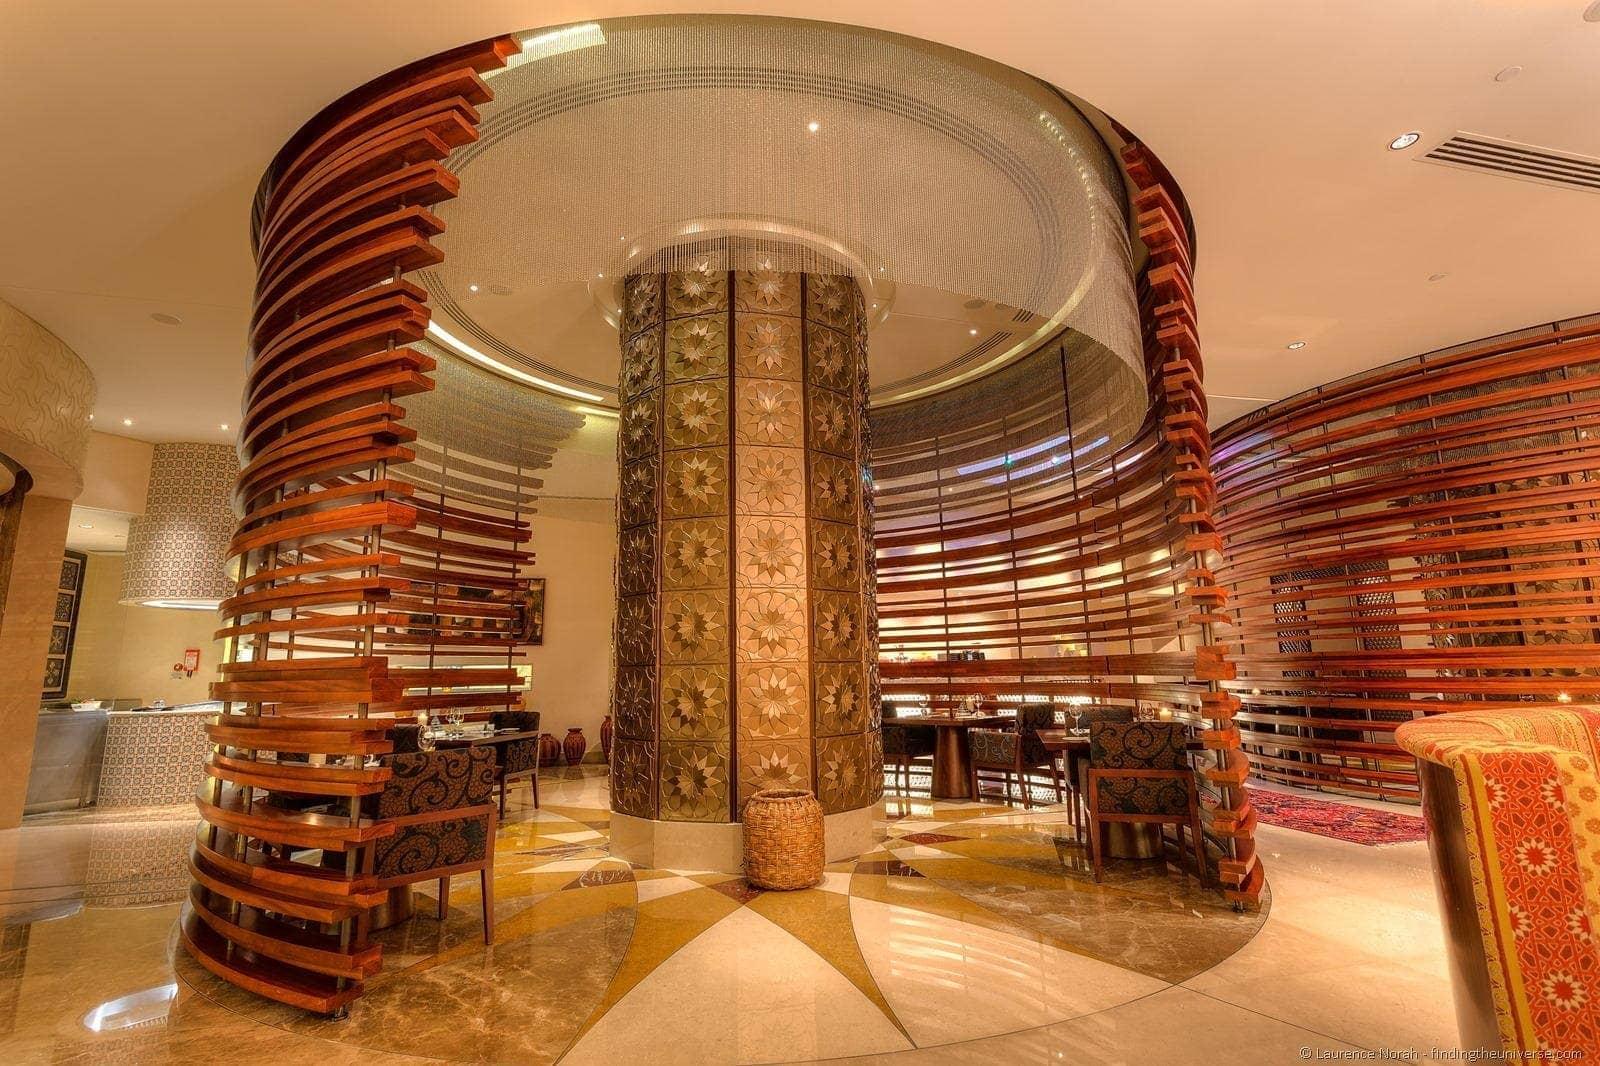 Shayan restaurant interior